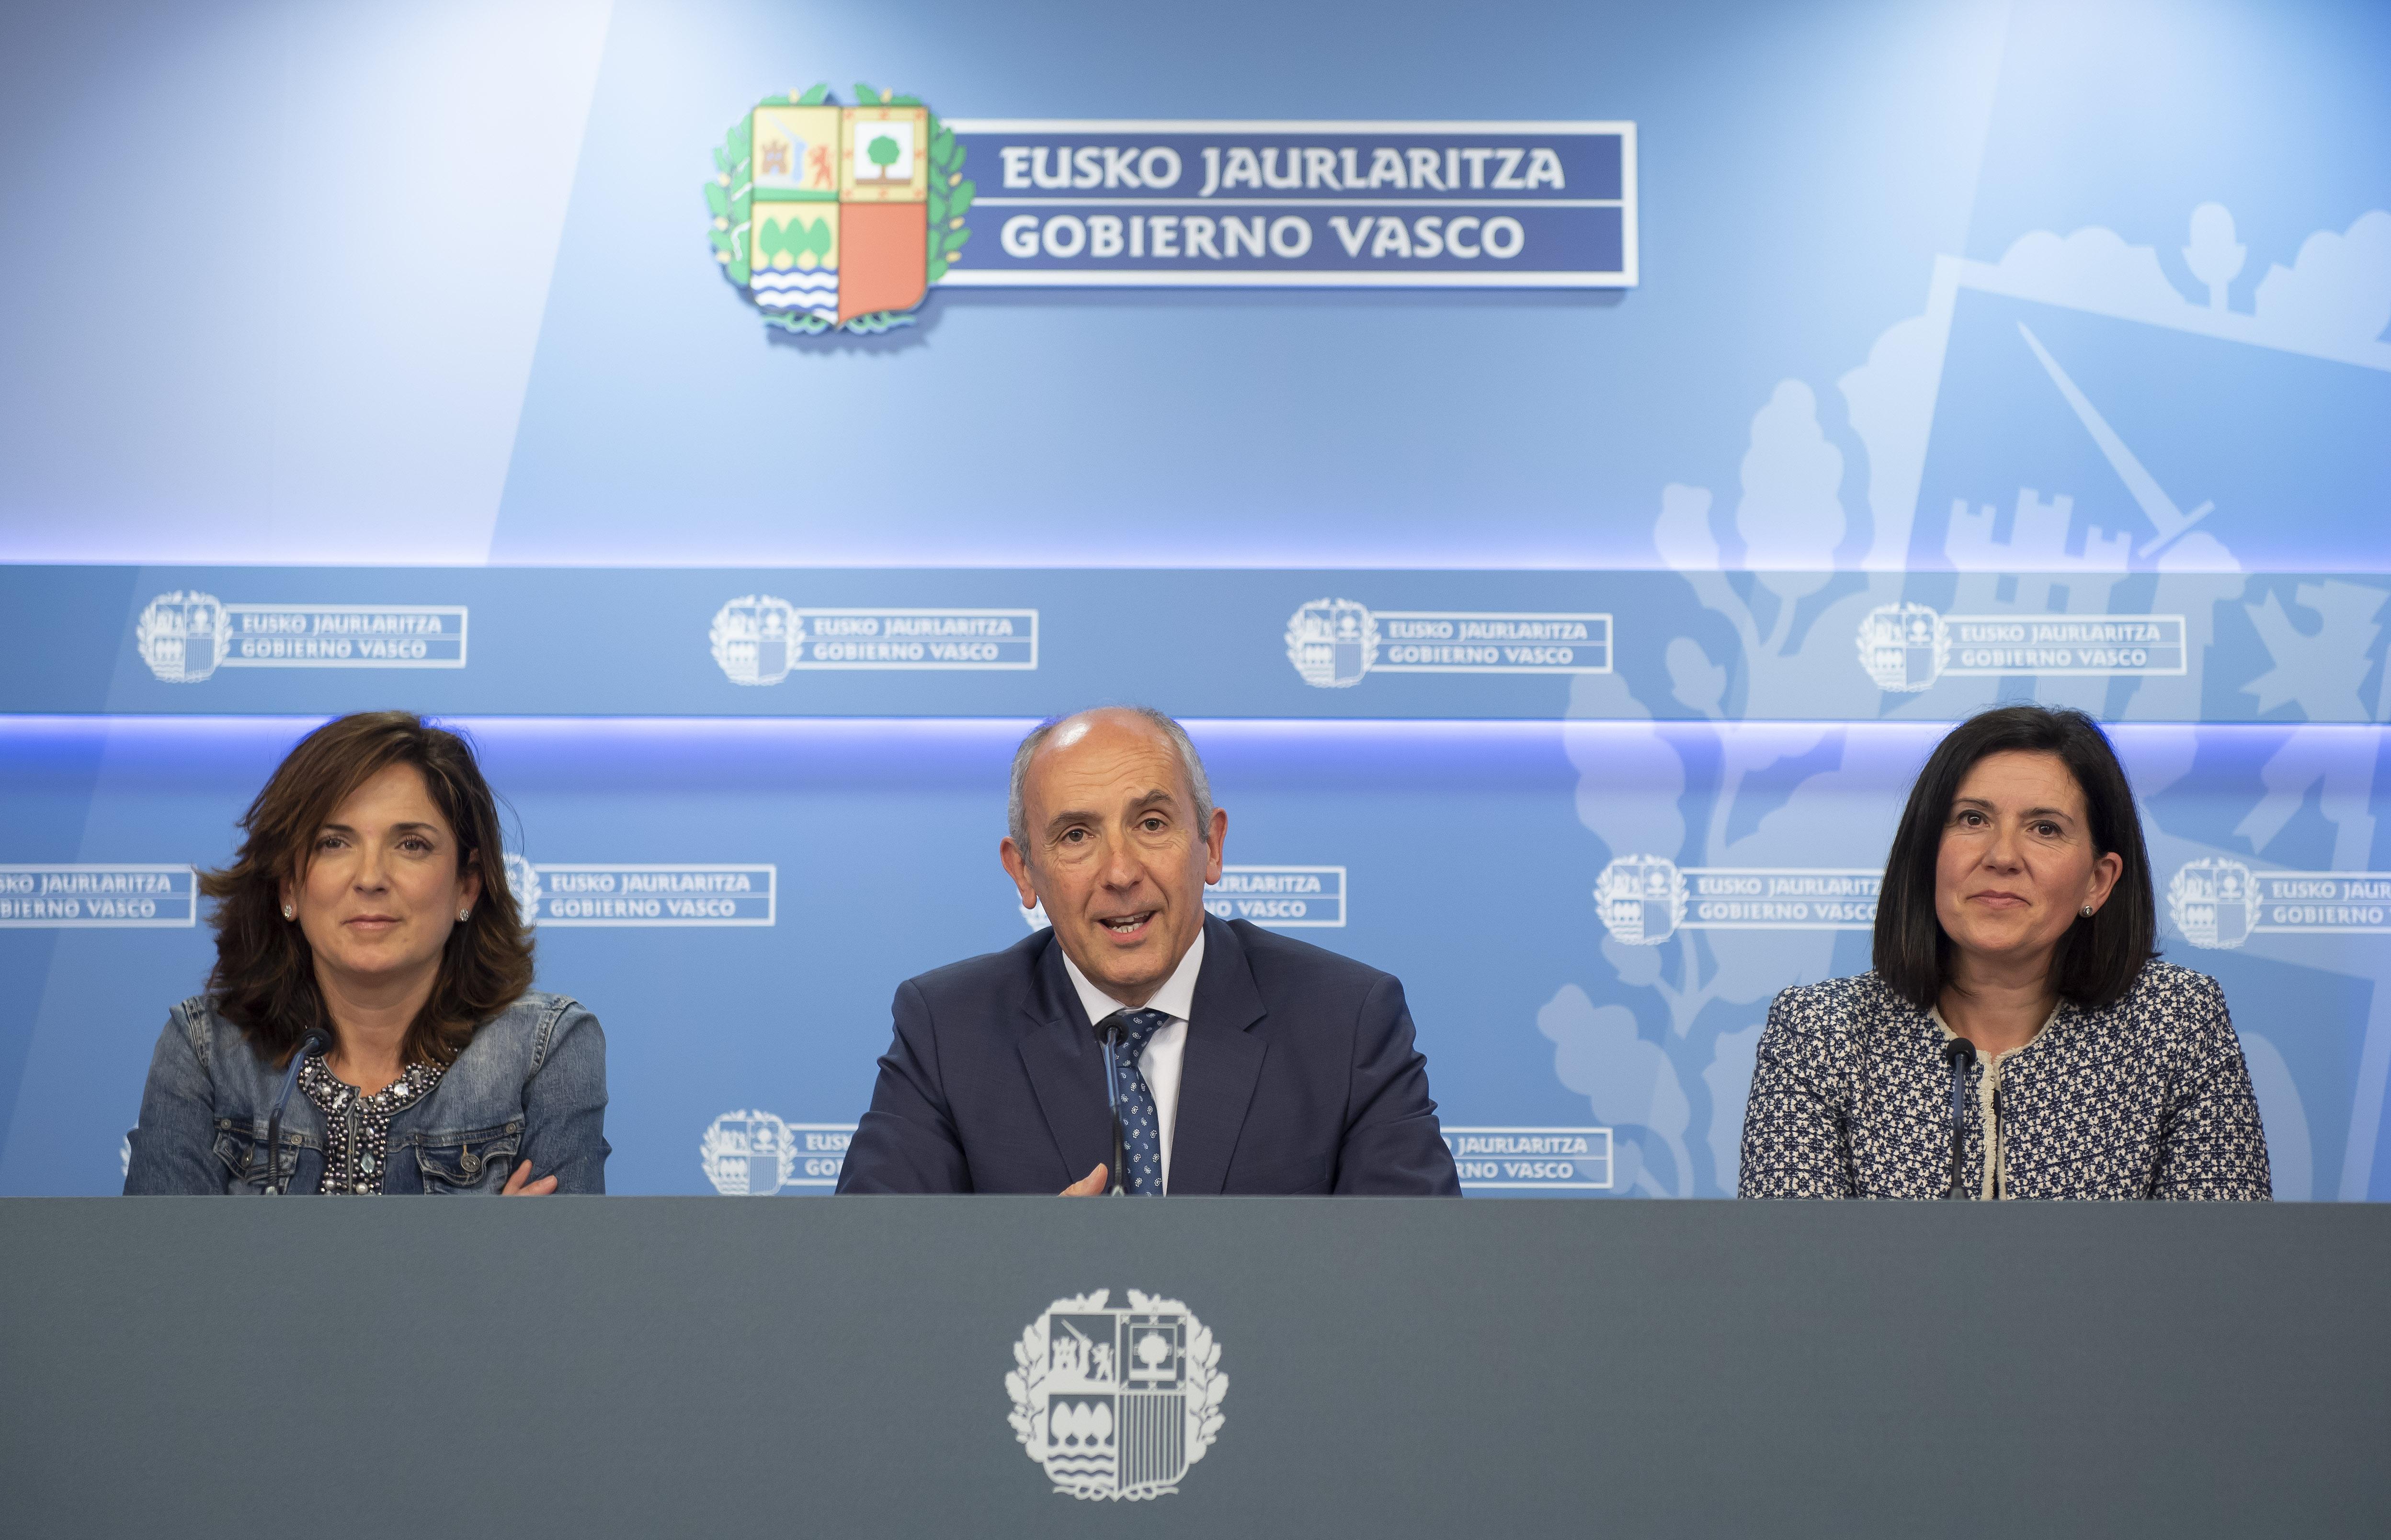 El Consejo de Gobierno aprueba el IV Plan Interinstitucional de Apoyo a las Familias 2018-2022